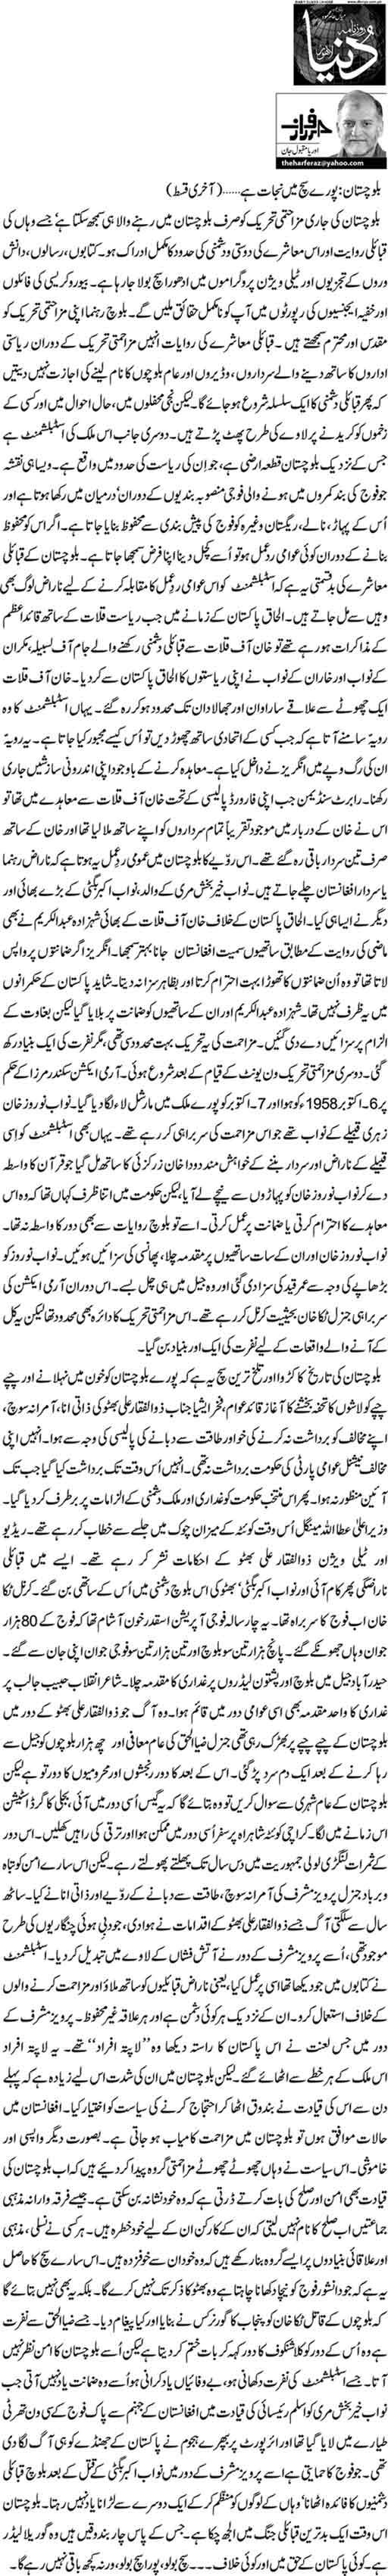 Balochistan:Pooray such main nijaat hai - Orya Maqbool Jan